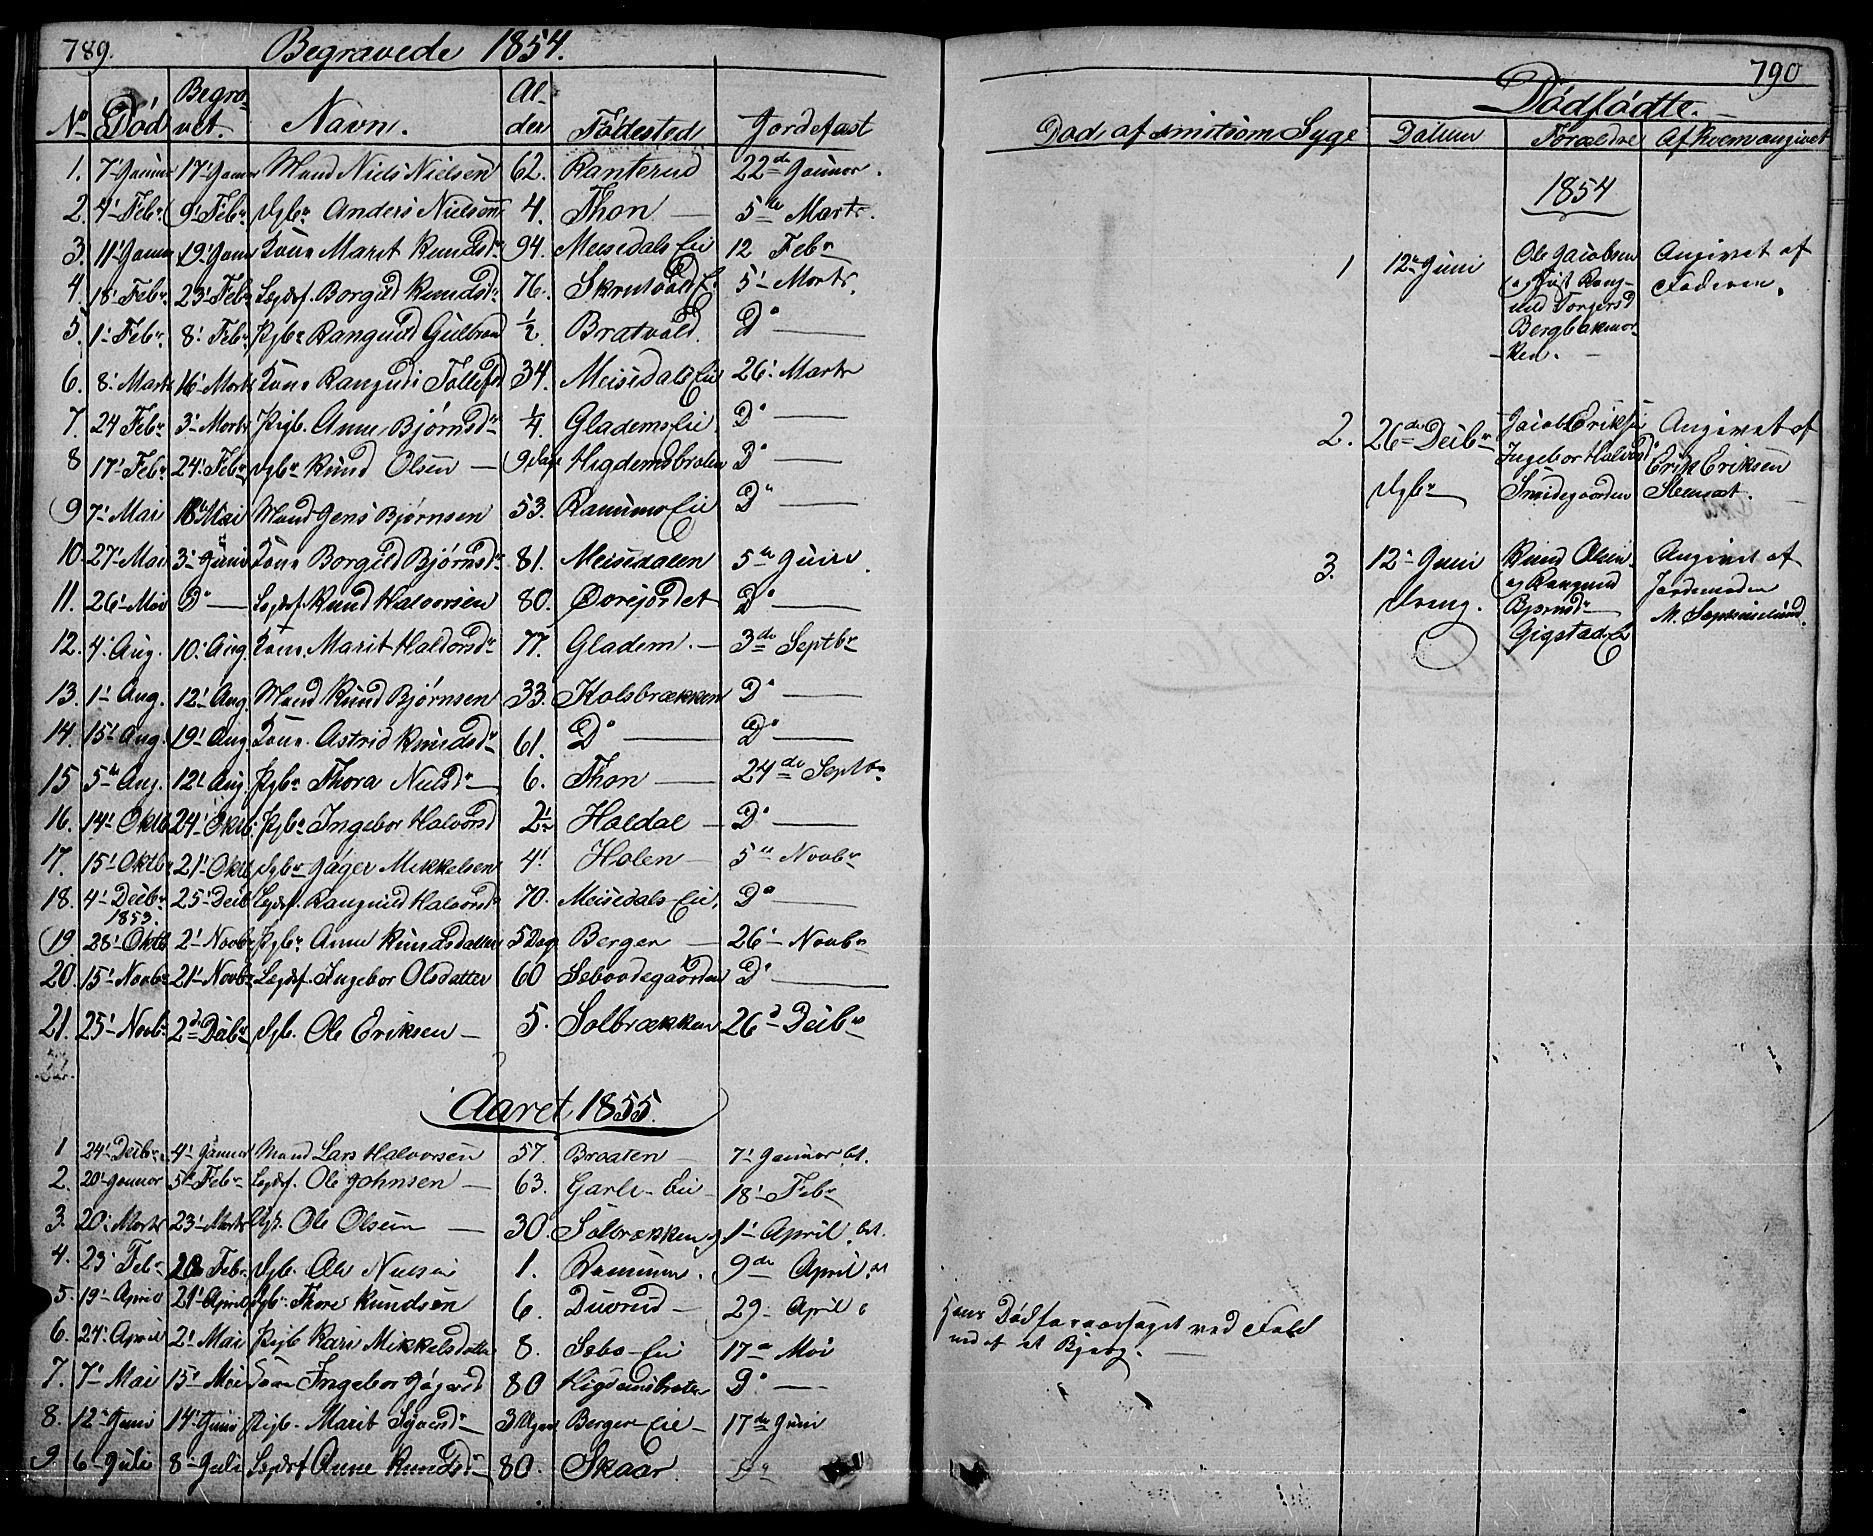 SAH, Nord-Aurdal prestekontor, Klokkerbok nr. 1, 1834-1887, s. 789-790